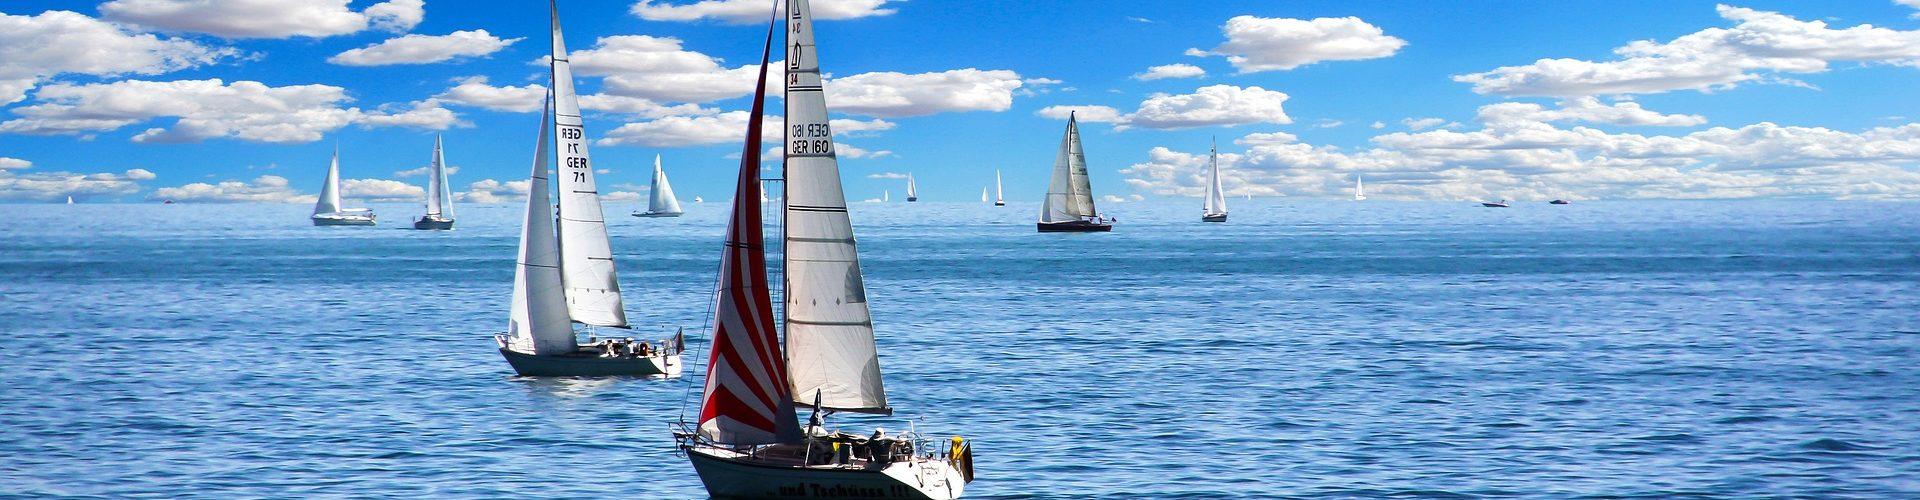 segeln lernen in Krombach segelschein machen in Krombach 1920x500 - Segeln lernen in Krombach